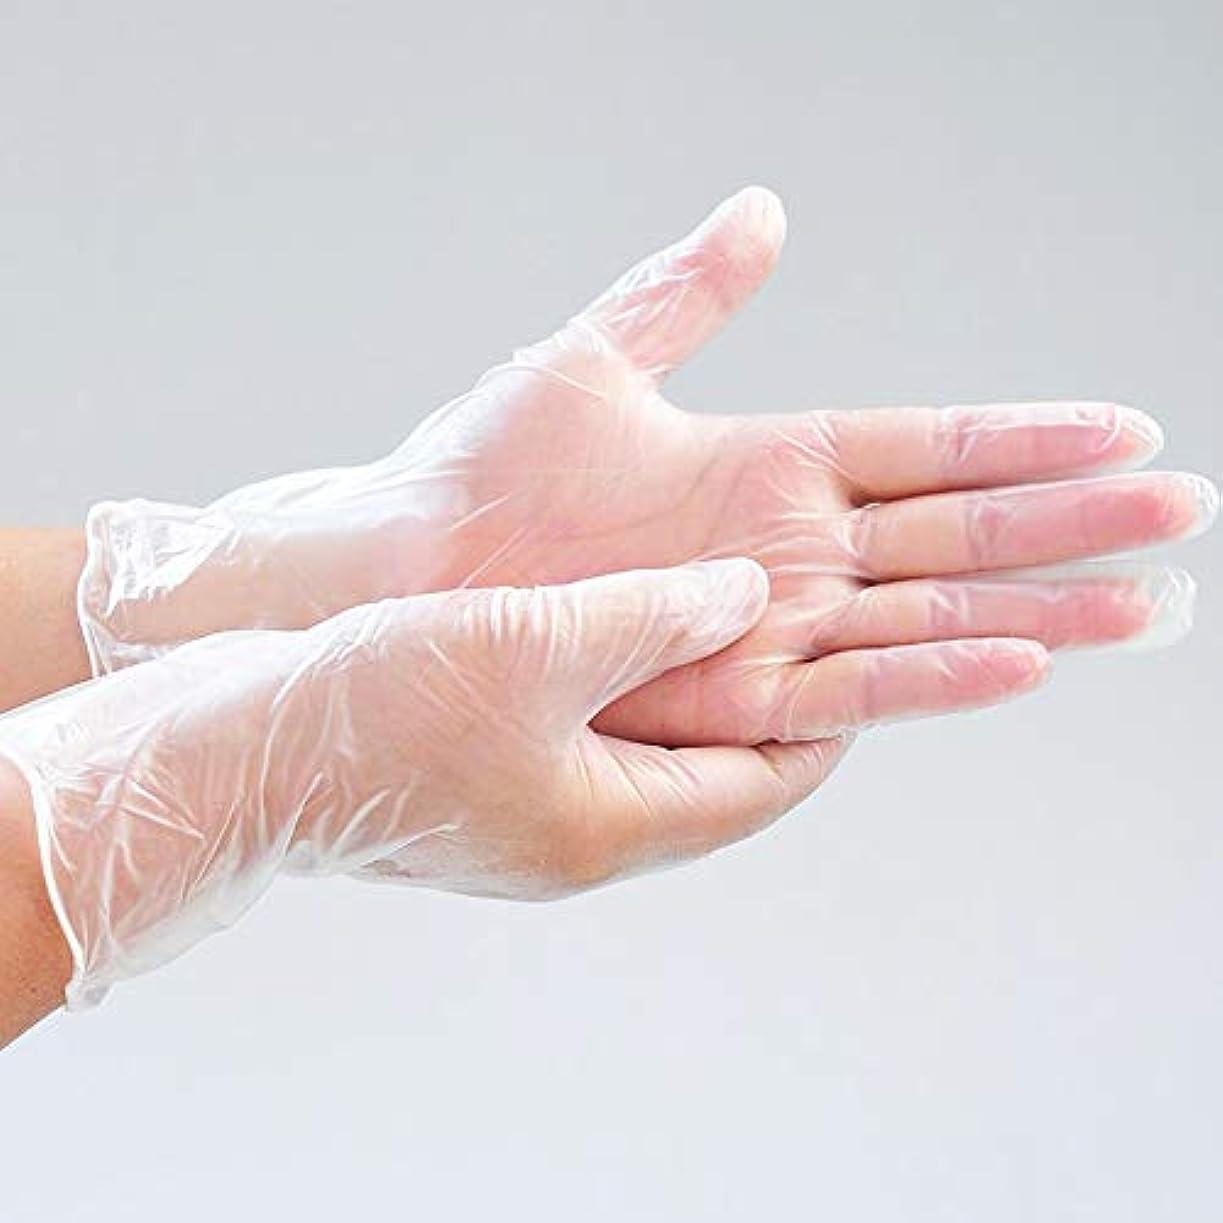 グラスオーガニック噴出するOWSOO 使い捨てグローブ 使い捨て透明PVC手袋 パウダーフリー 肥厚 防水用 実用 衛生 使い捨て手袋 高温抵抗 引張抵抗 実験室 歯科 炊事 家事 バーベキュー ケータリング ホーム用 透明 100ピースM